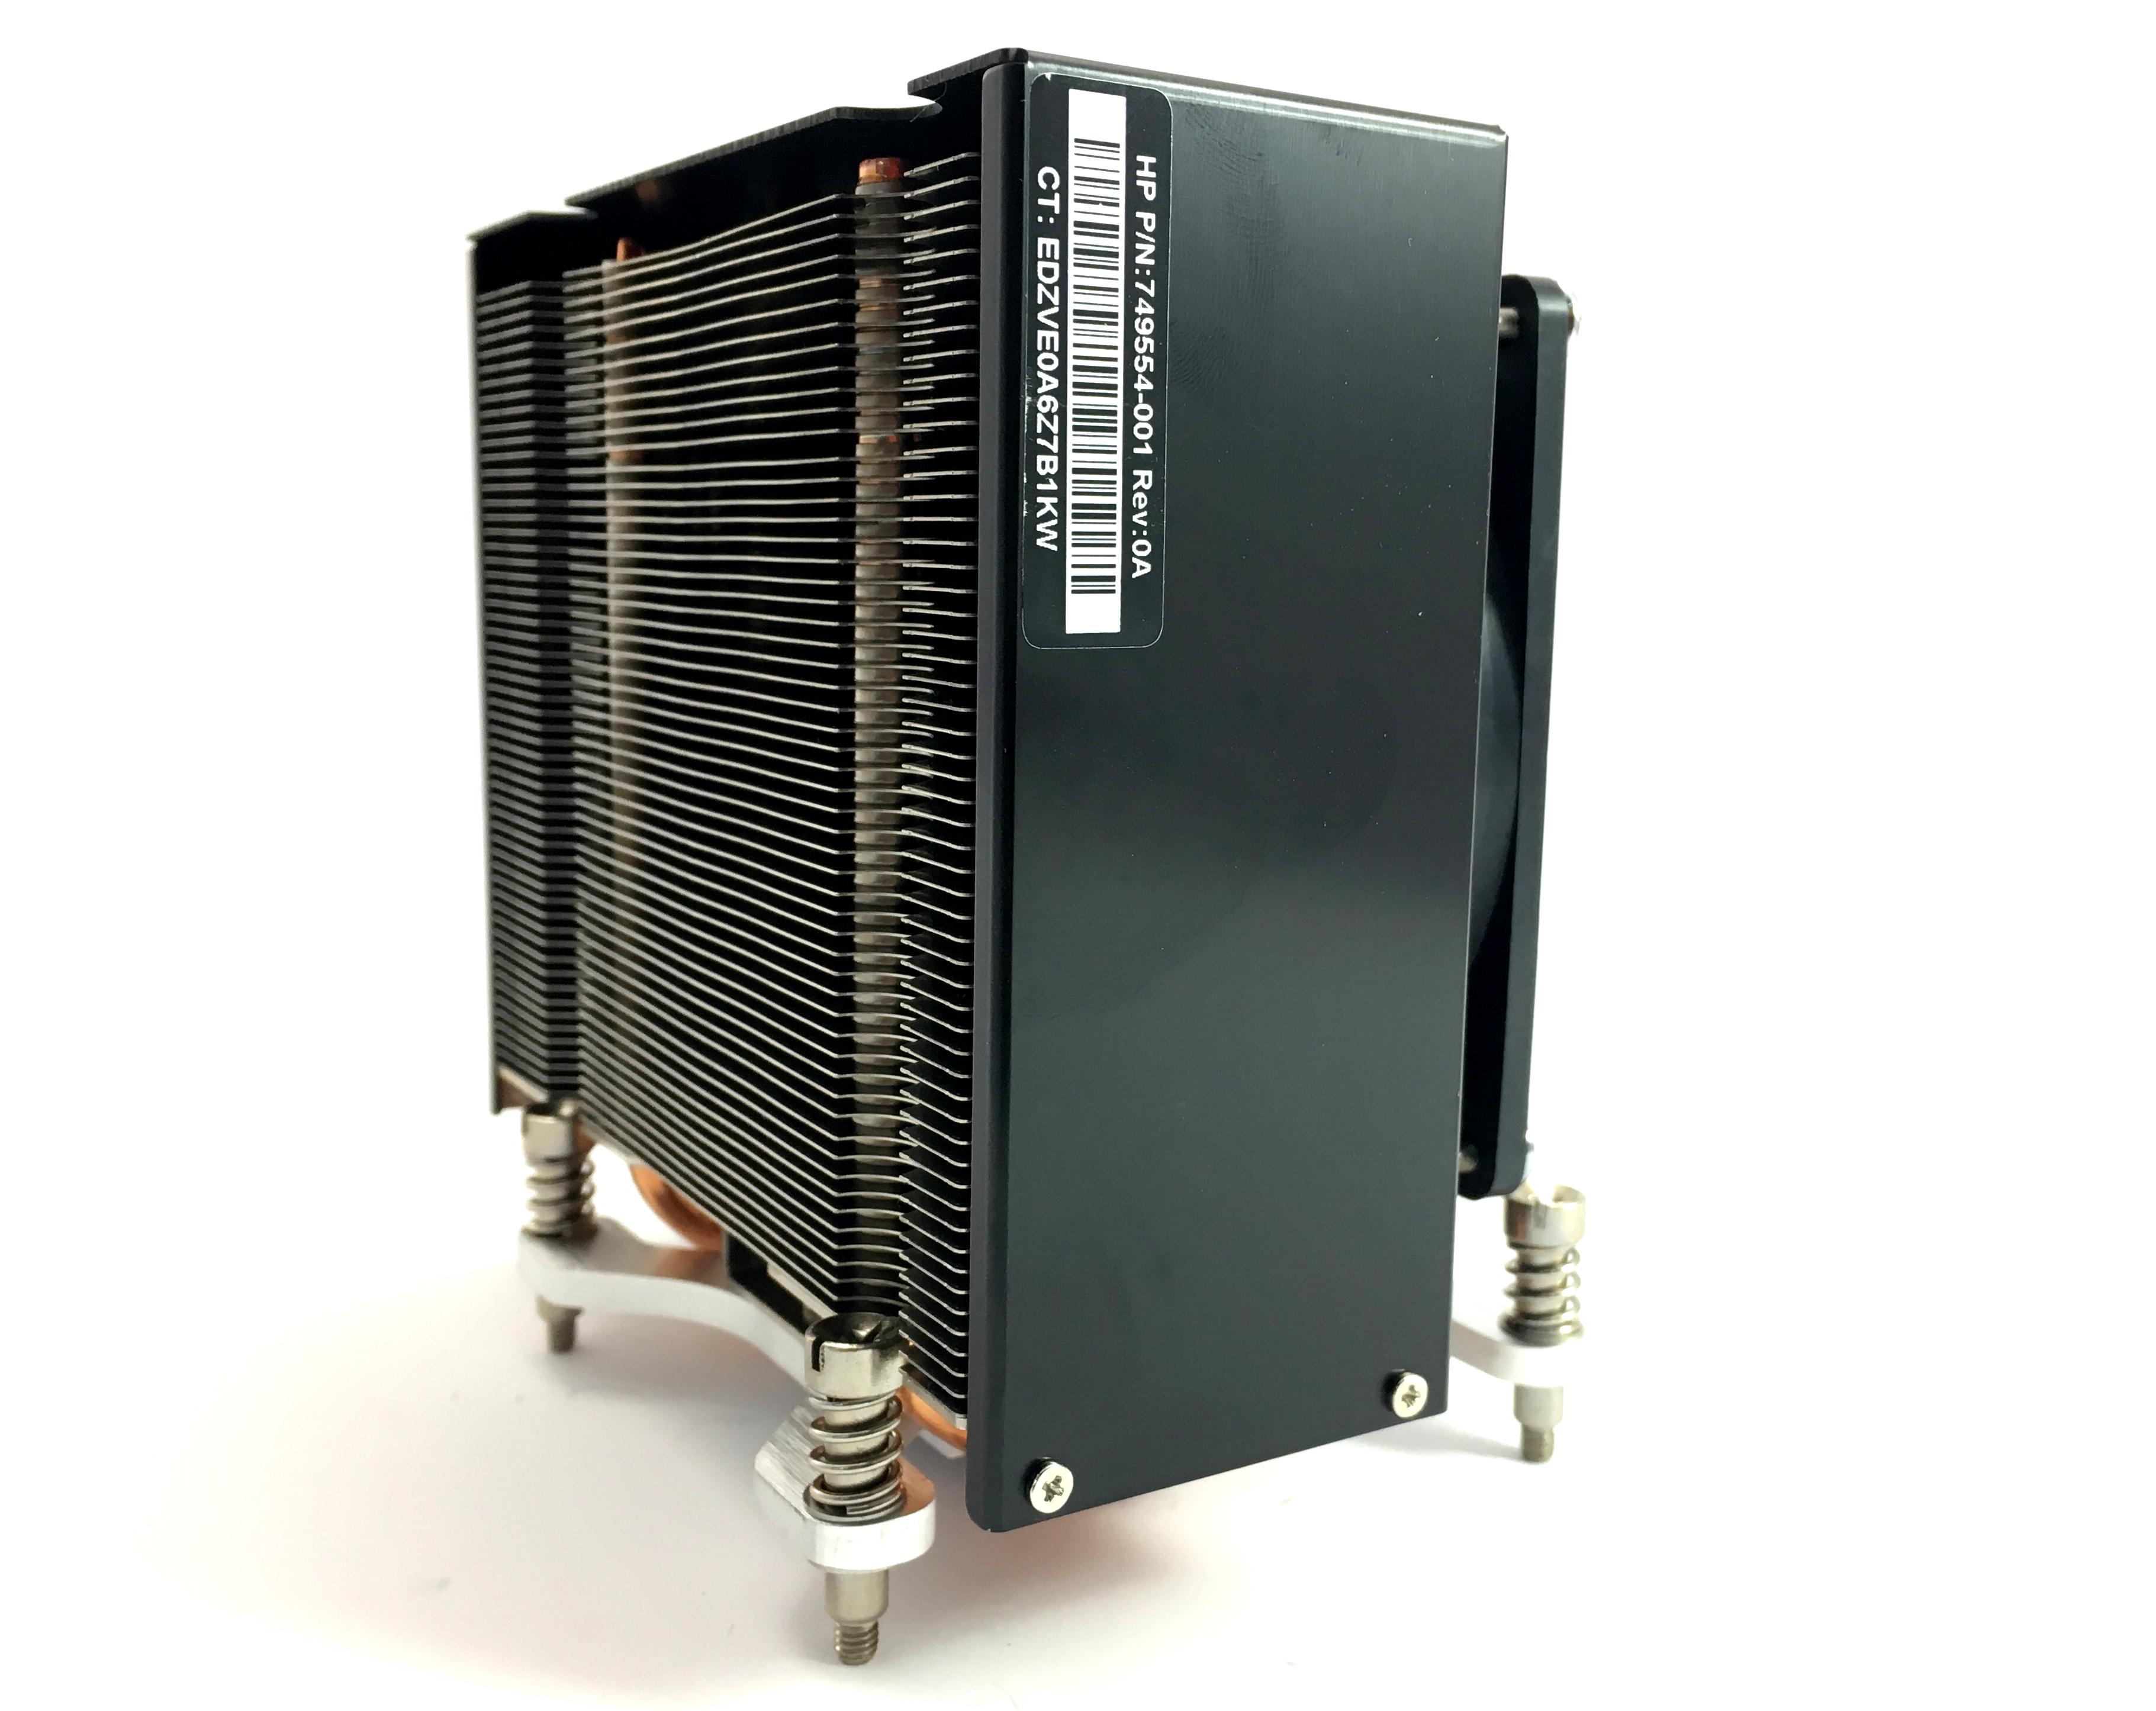 Heatsink And Fan Assembly For HP Z440 / Z640 (749554-001)